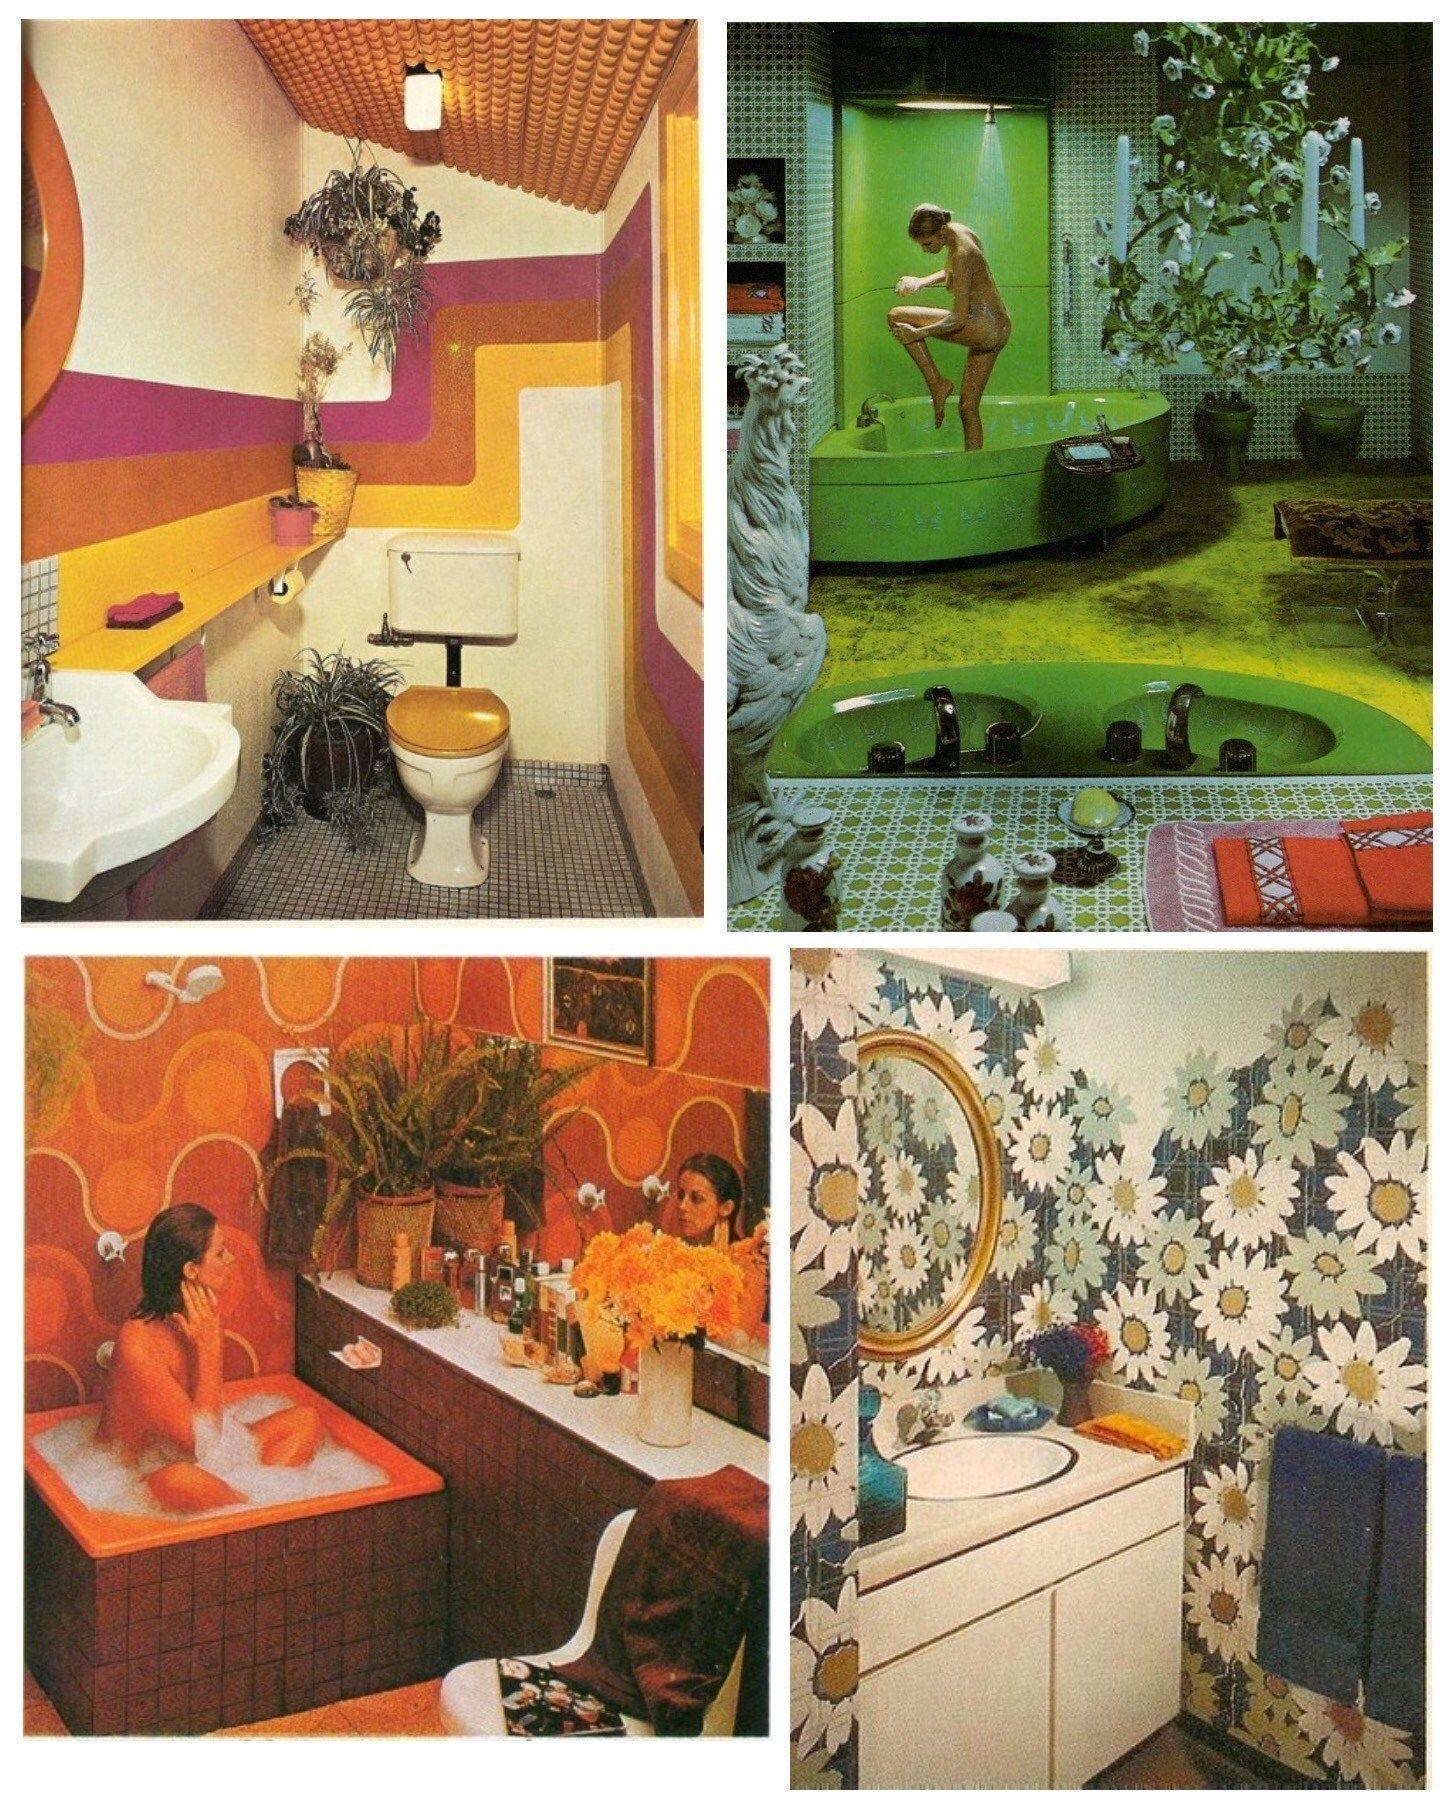 70s home decor in 2020 | Retro bedrooms, 70s home decor, 70s